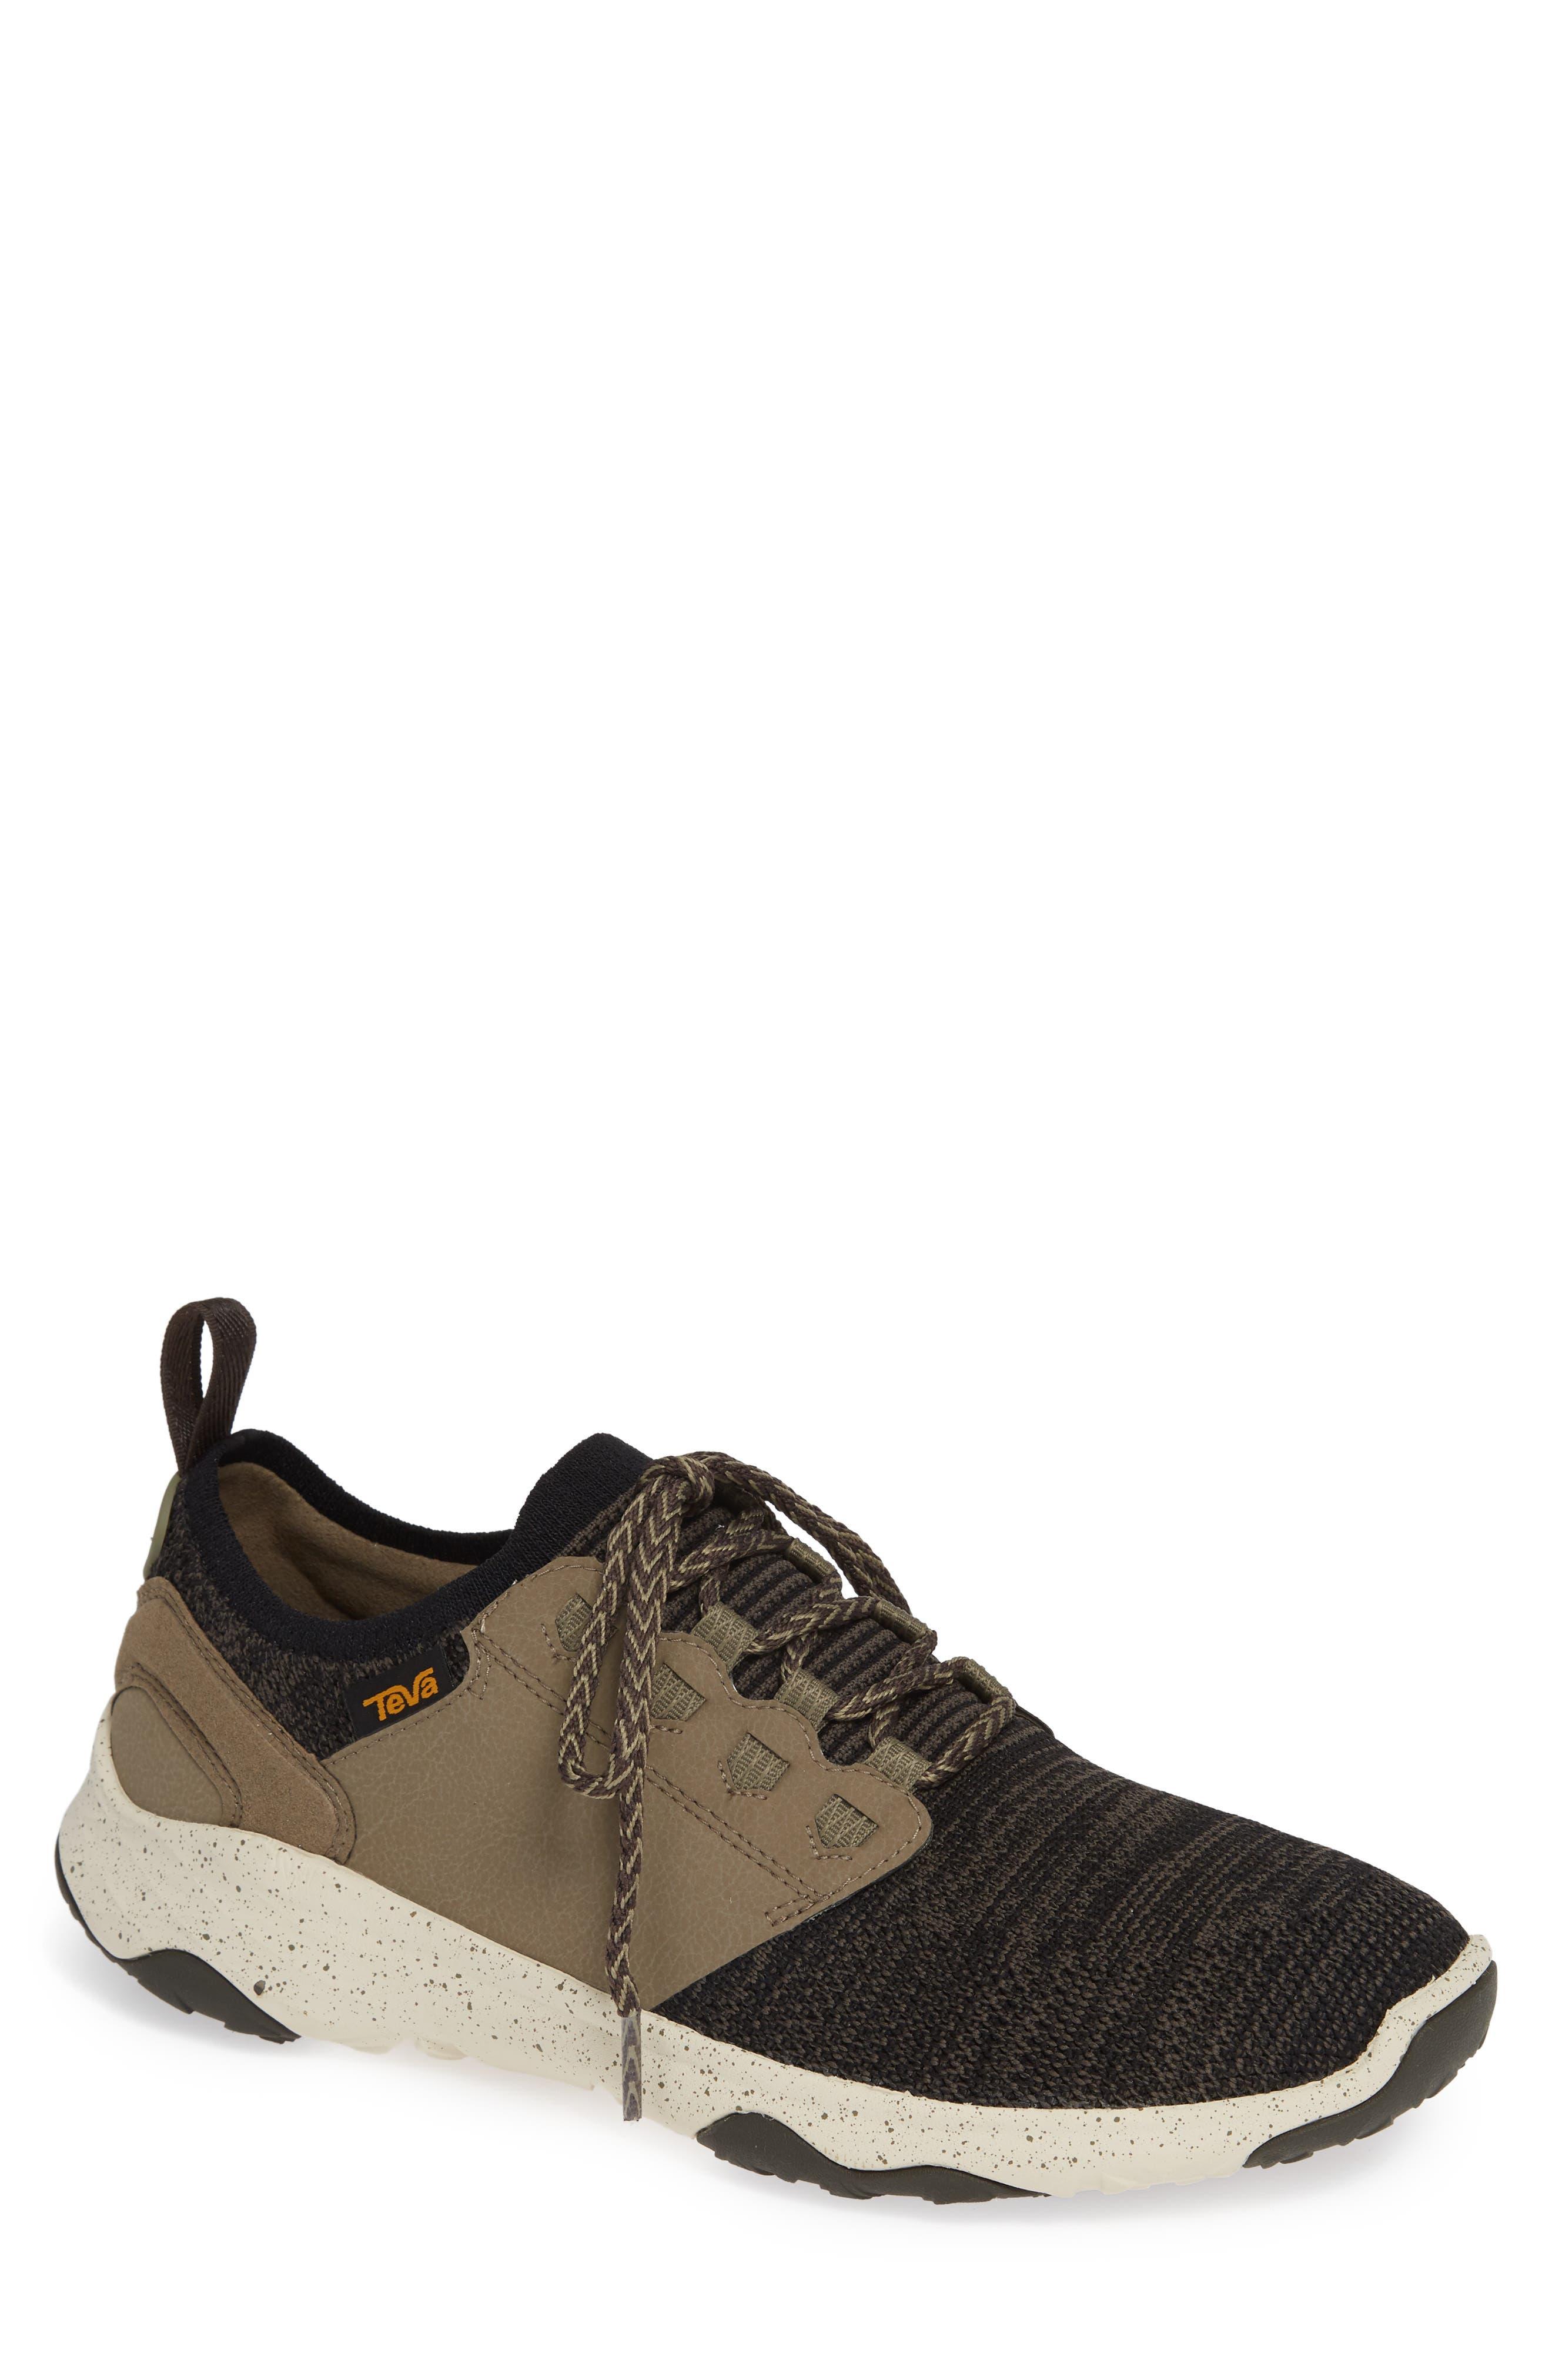 TEVA Arrowood 2 Hiking Shoe in Walnut Knit